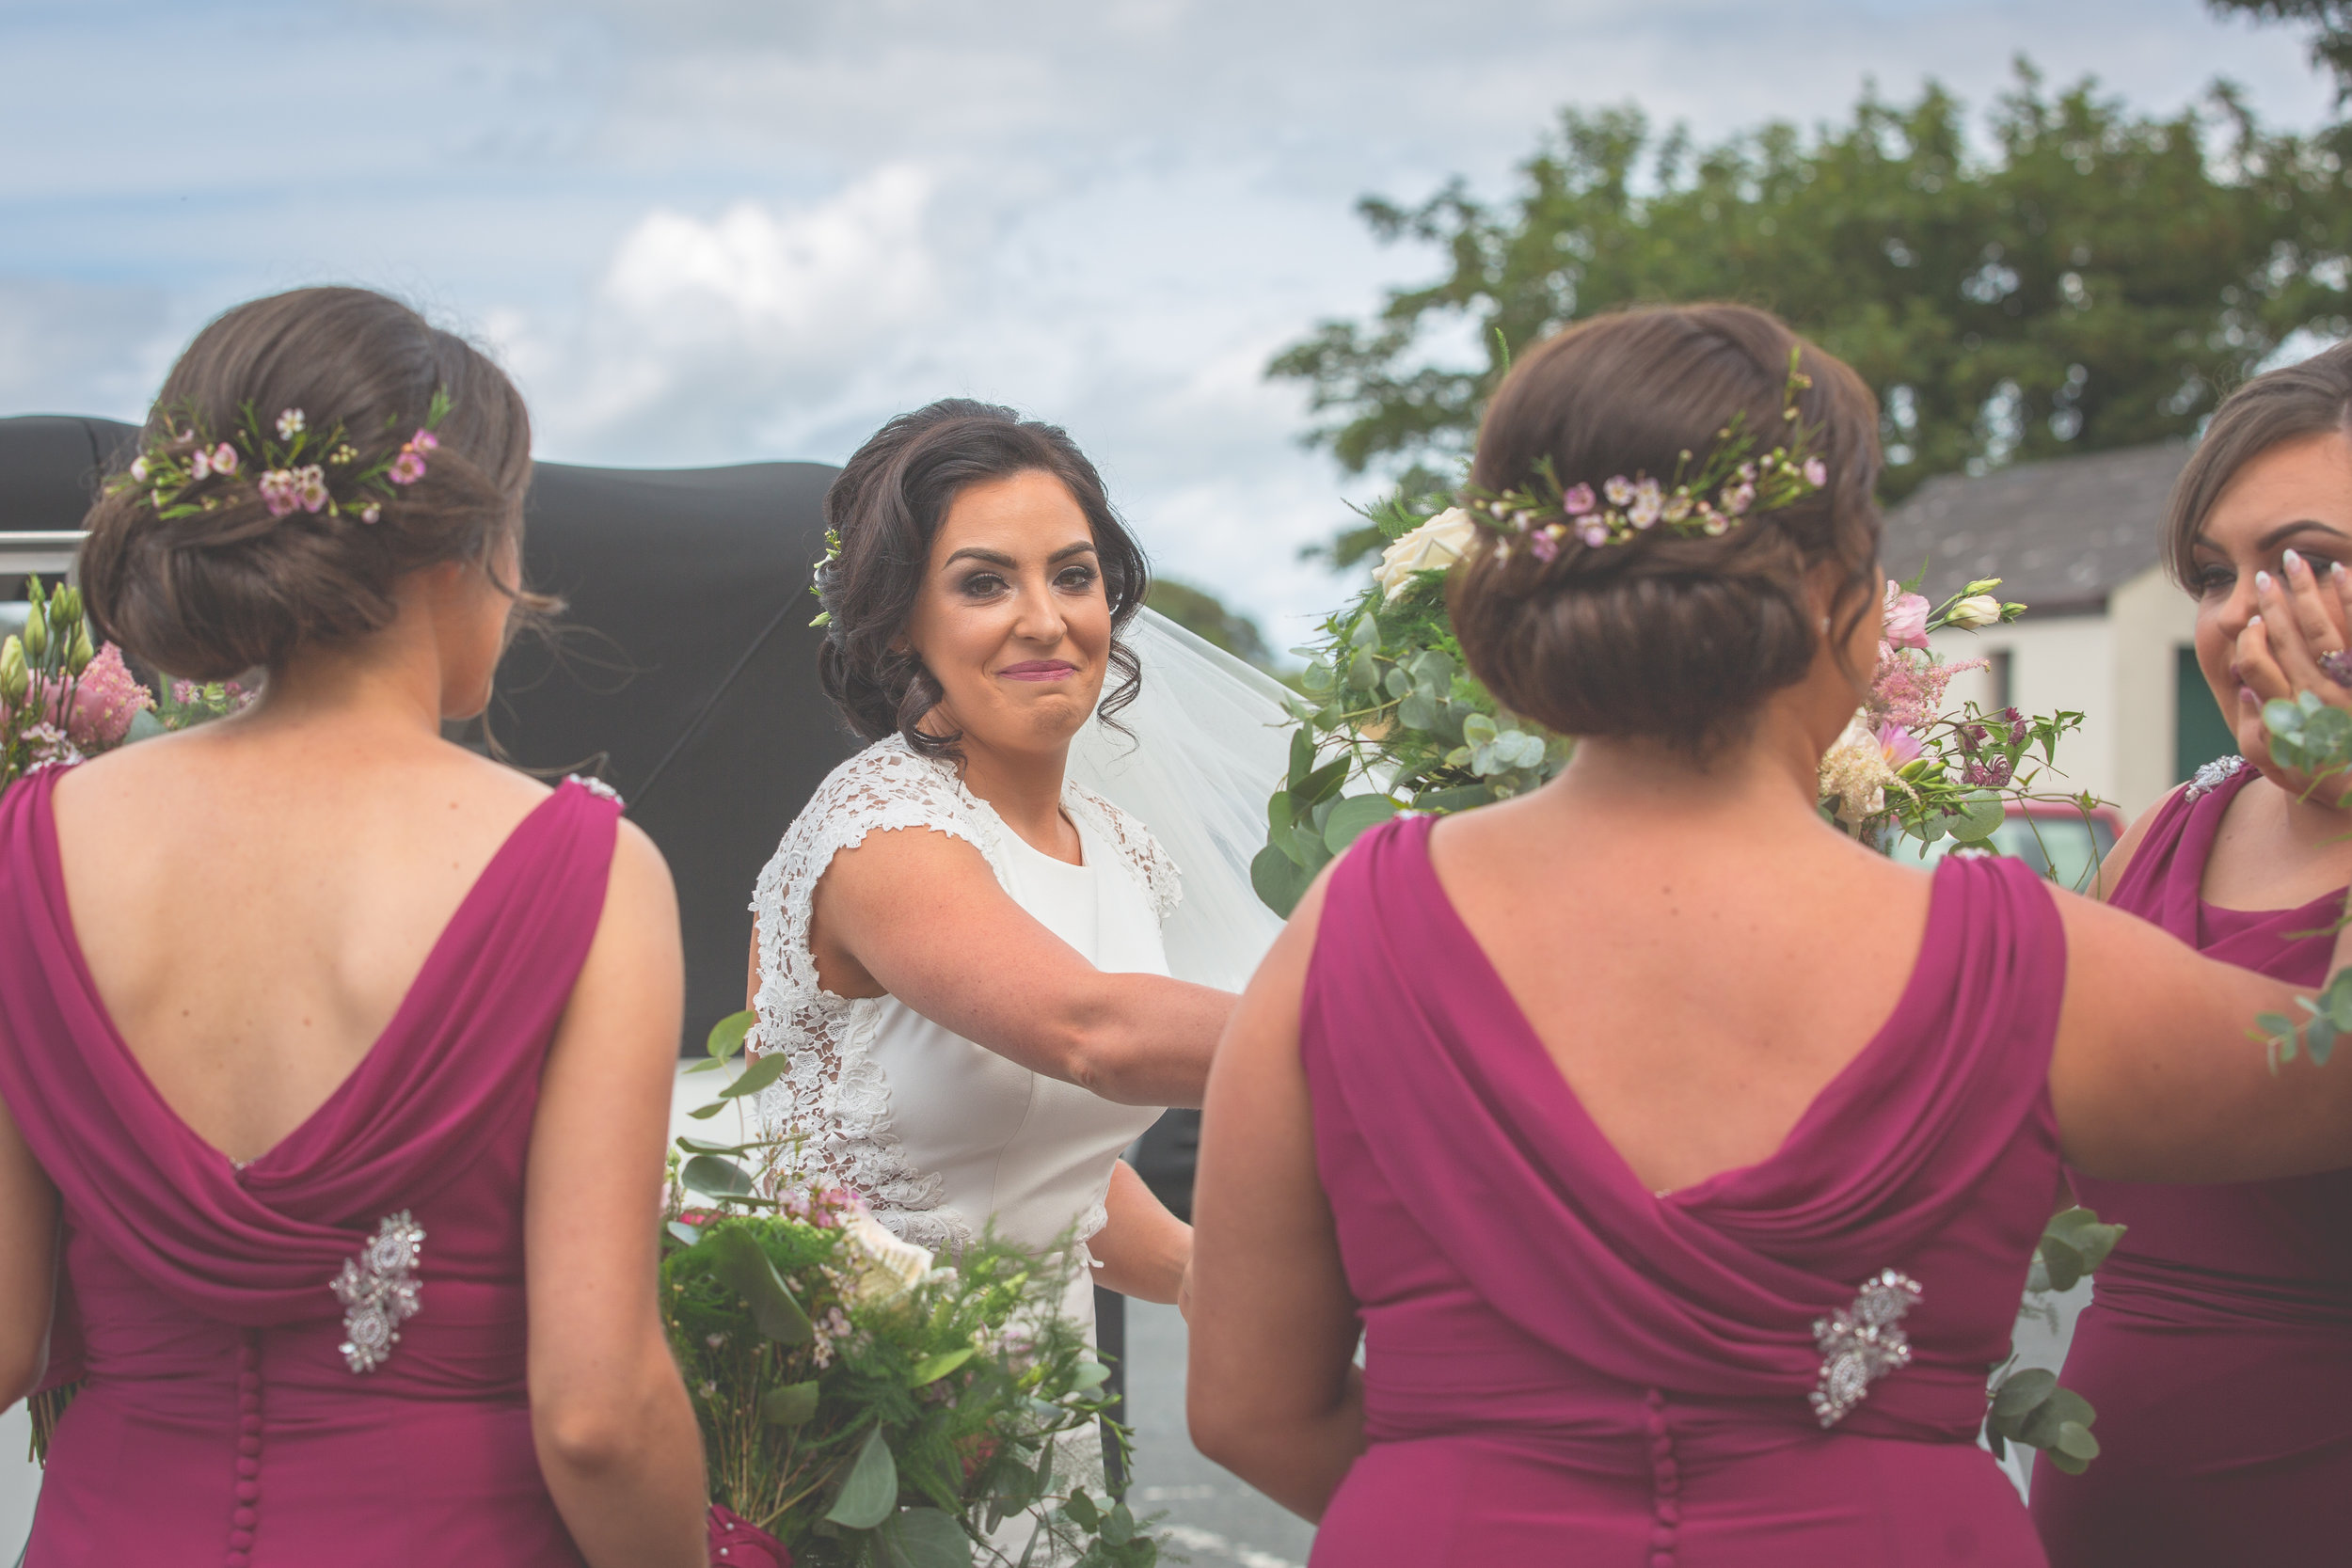 Brian McEwan Wedding Photography   Carol-Anne & Sean   The Ceremony-3.jpg